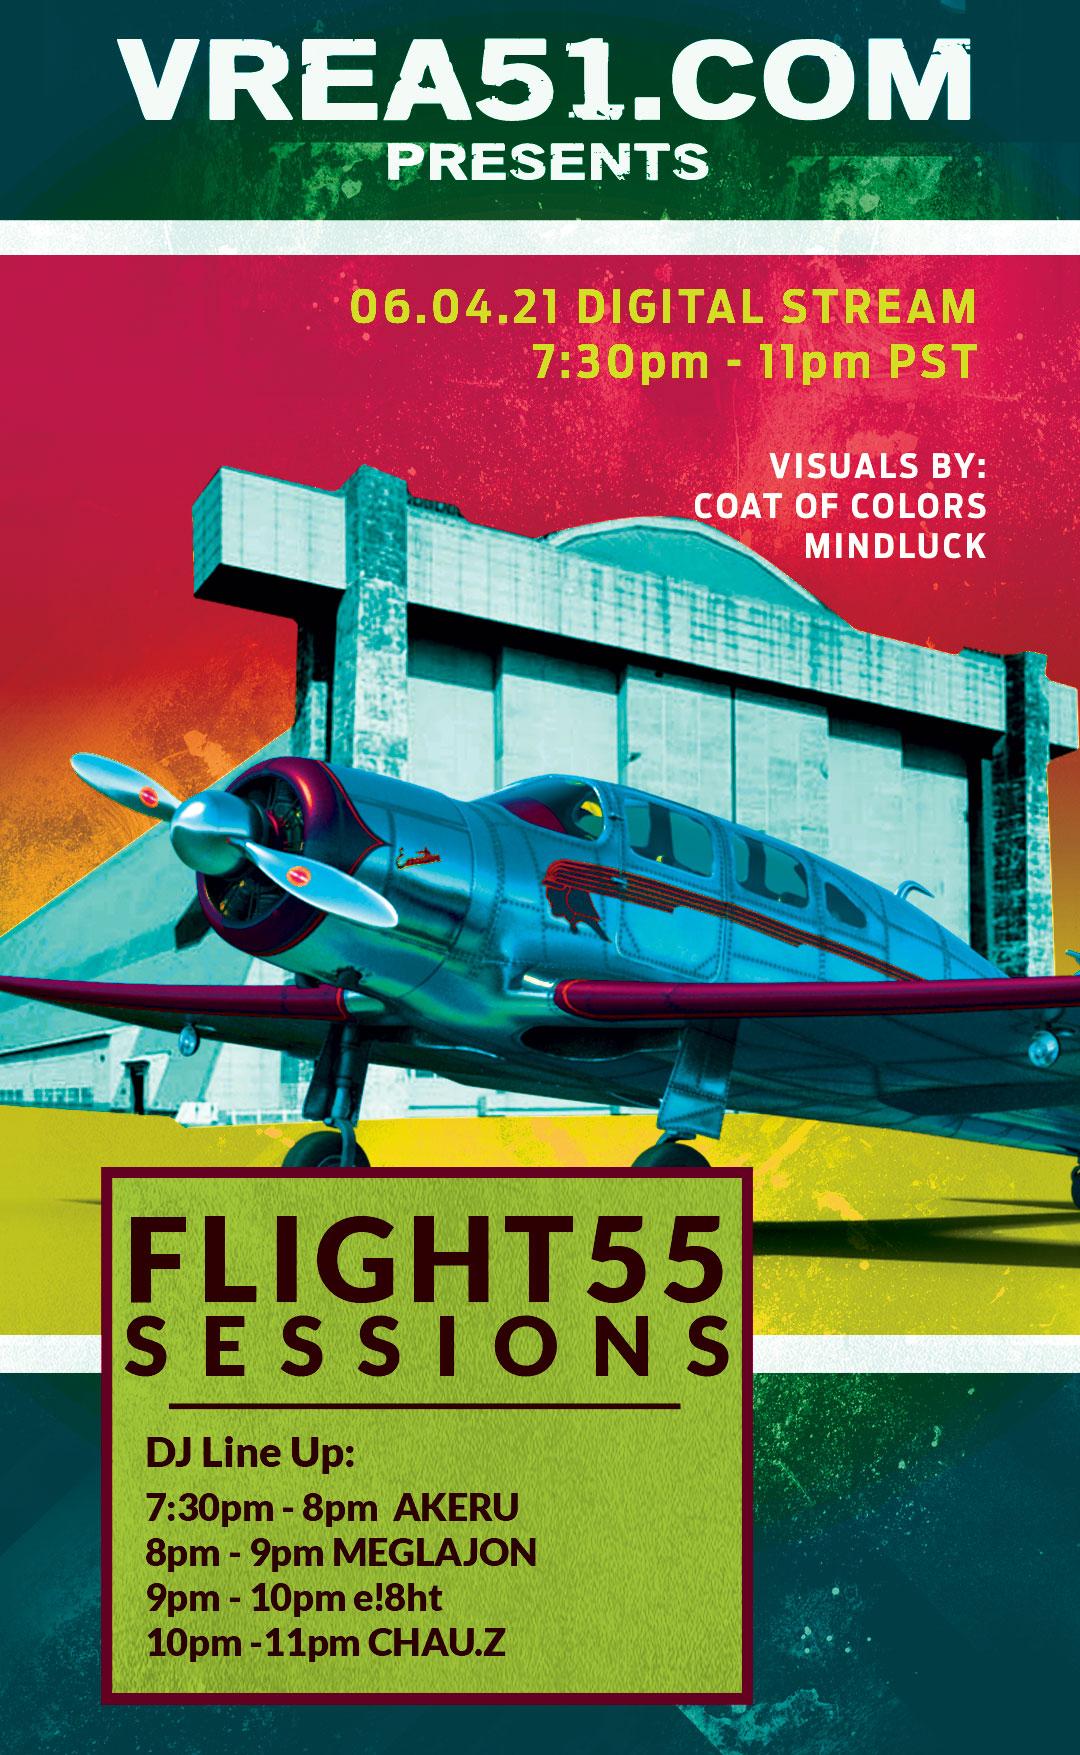 Flight 55 Sessions Digital Stream